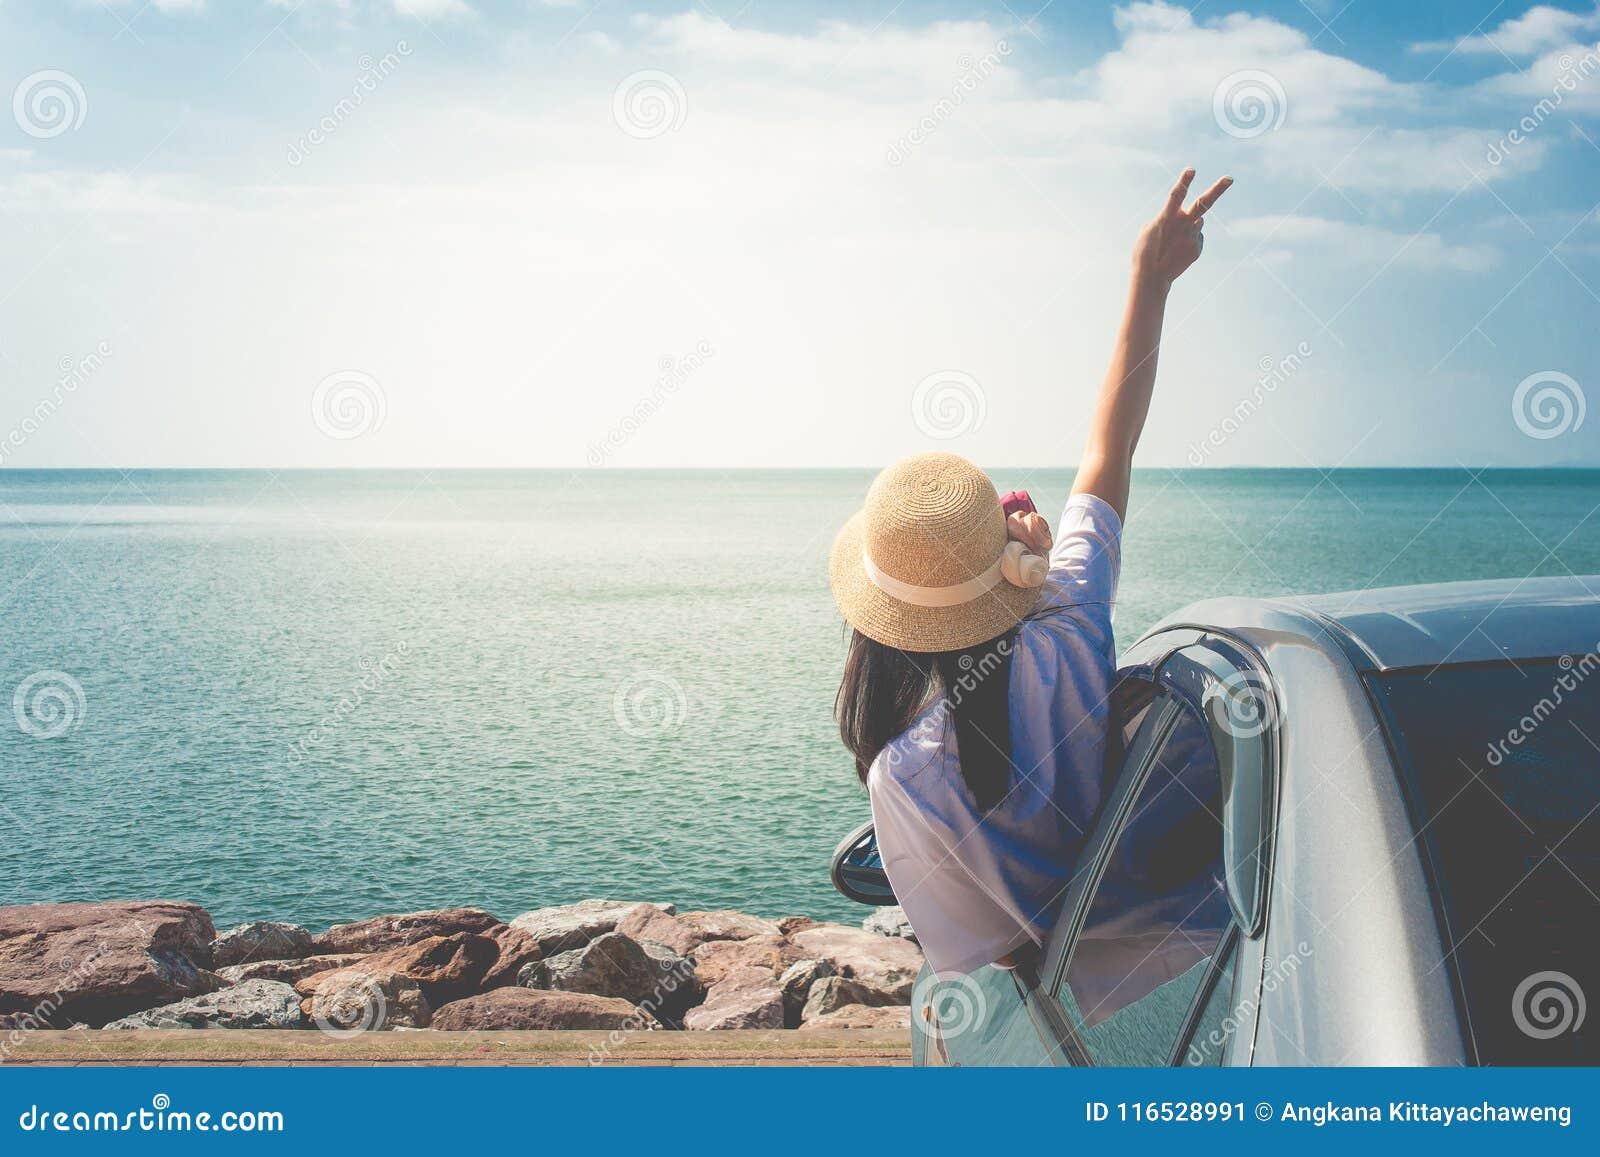 Wakacje i wakacje pojęcie: Szczęśliwa rodzinnego samochodu wycieczka przy morzem, portret kobiety czuciowy szczęście